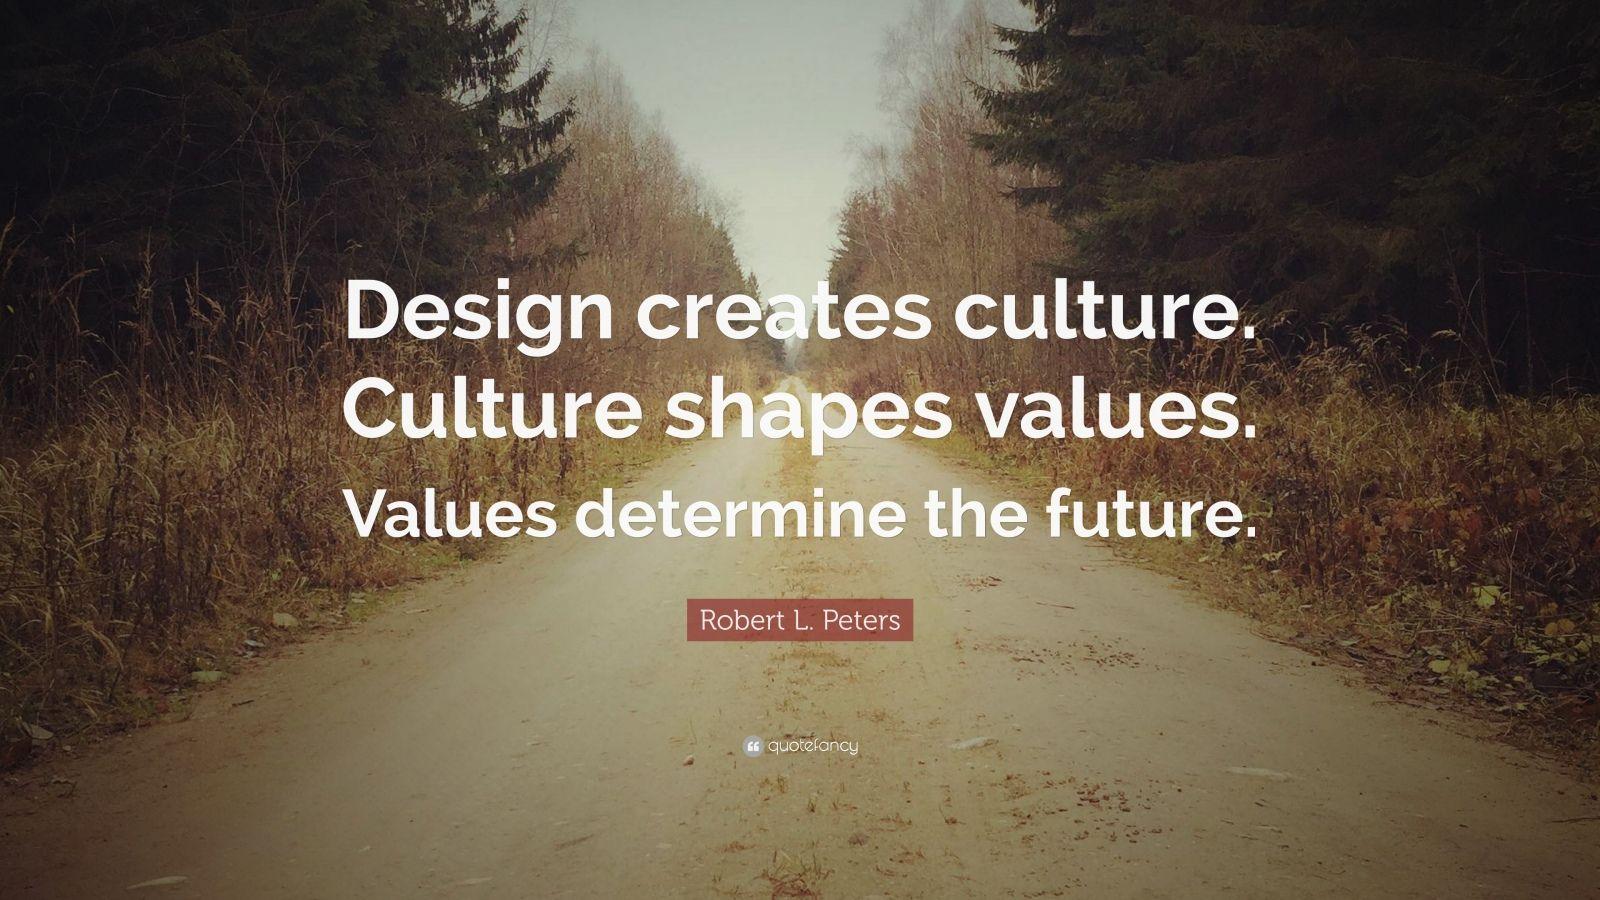 Steve Jobs Motivational Quotes Wallpaper Robert L Peters Quote Design Creates Culture Culture